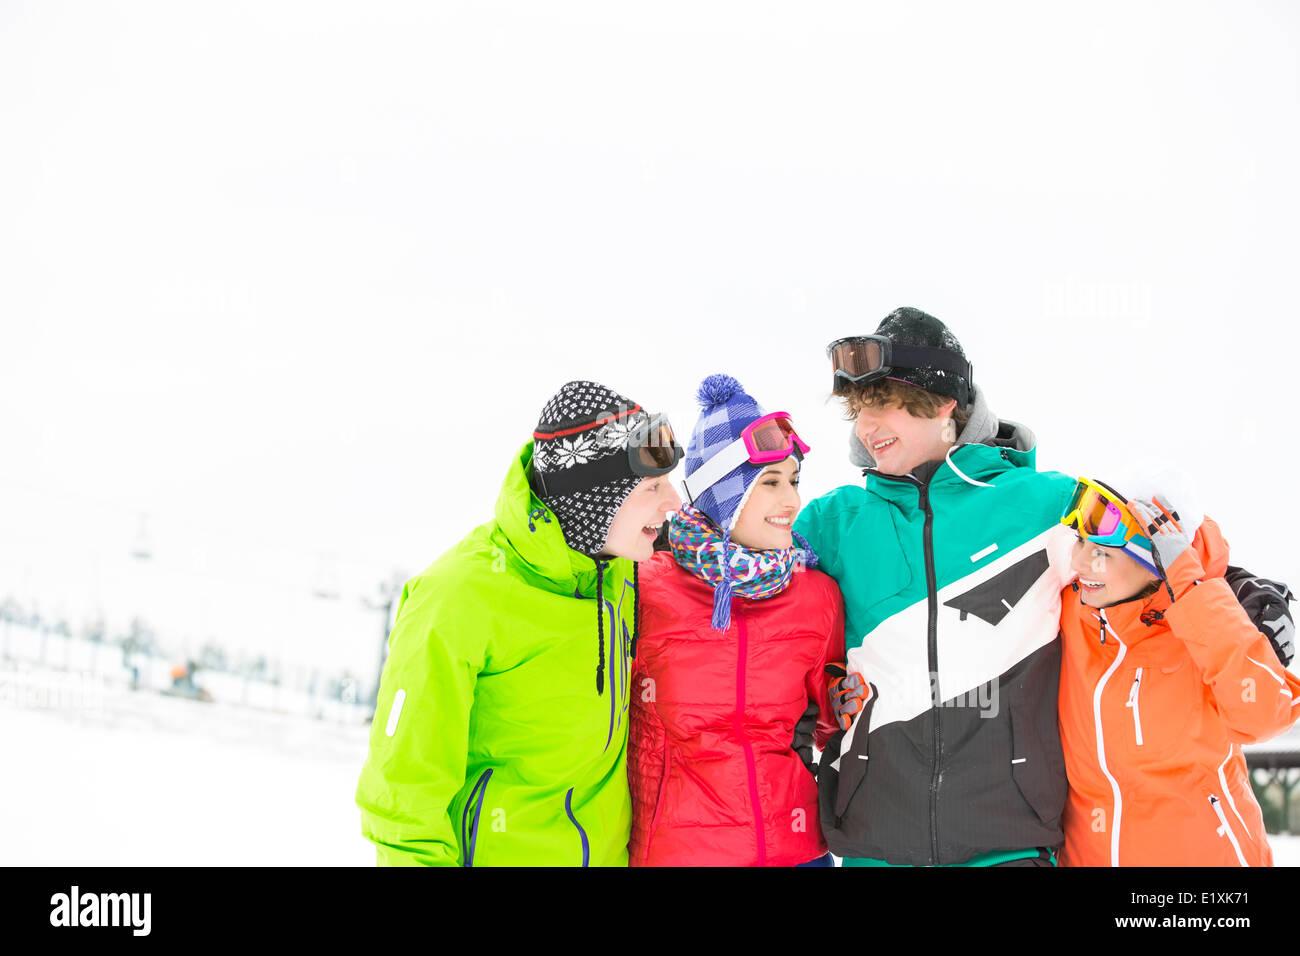 Alegres jóvenes amigos de pie brazo alrededor en la nieve Imagen De Stock